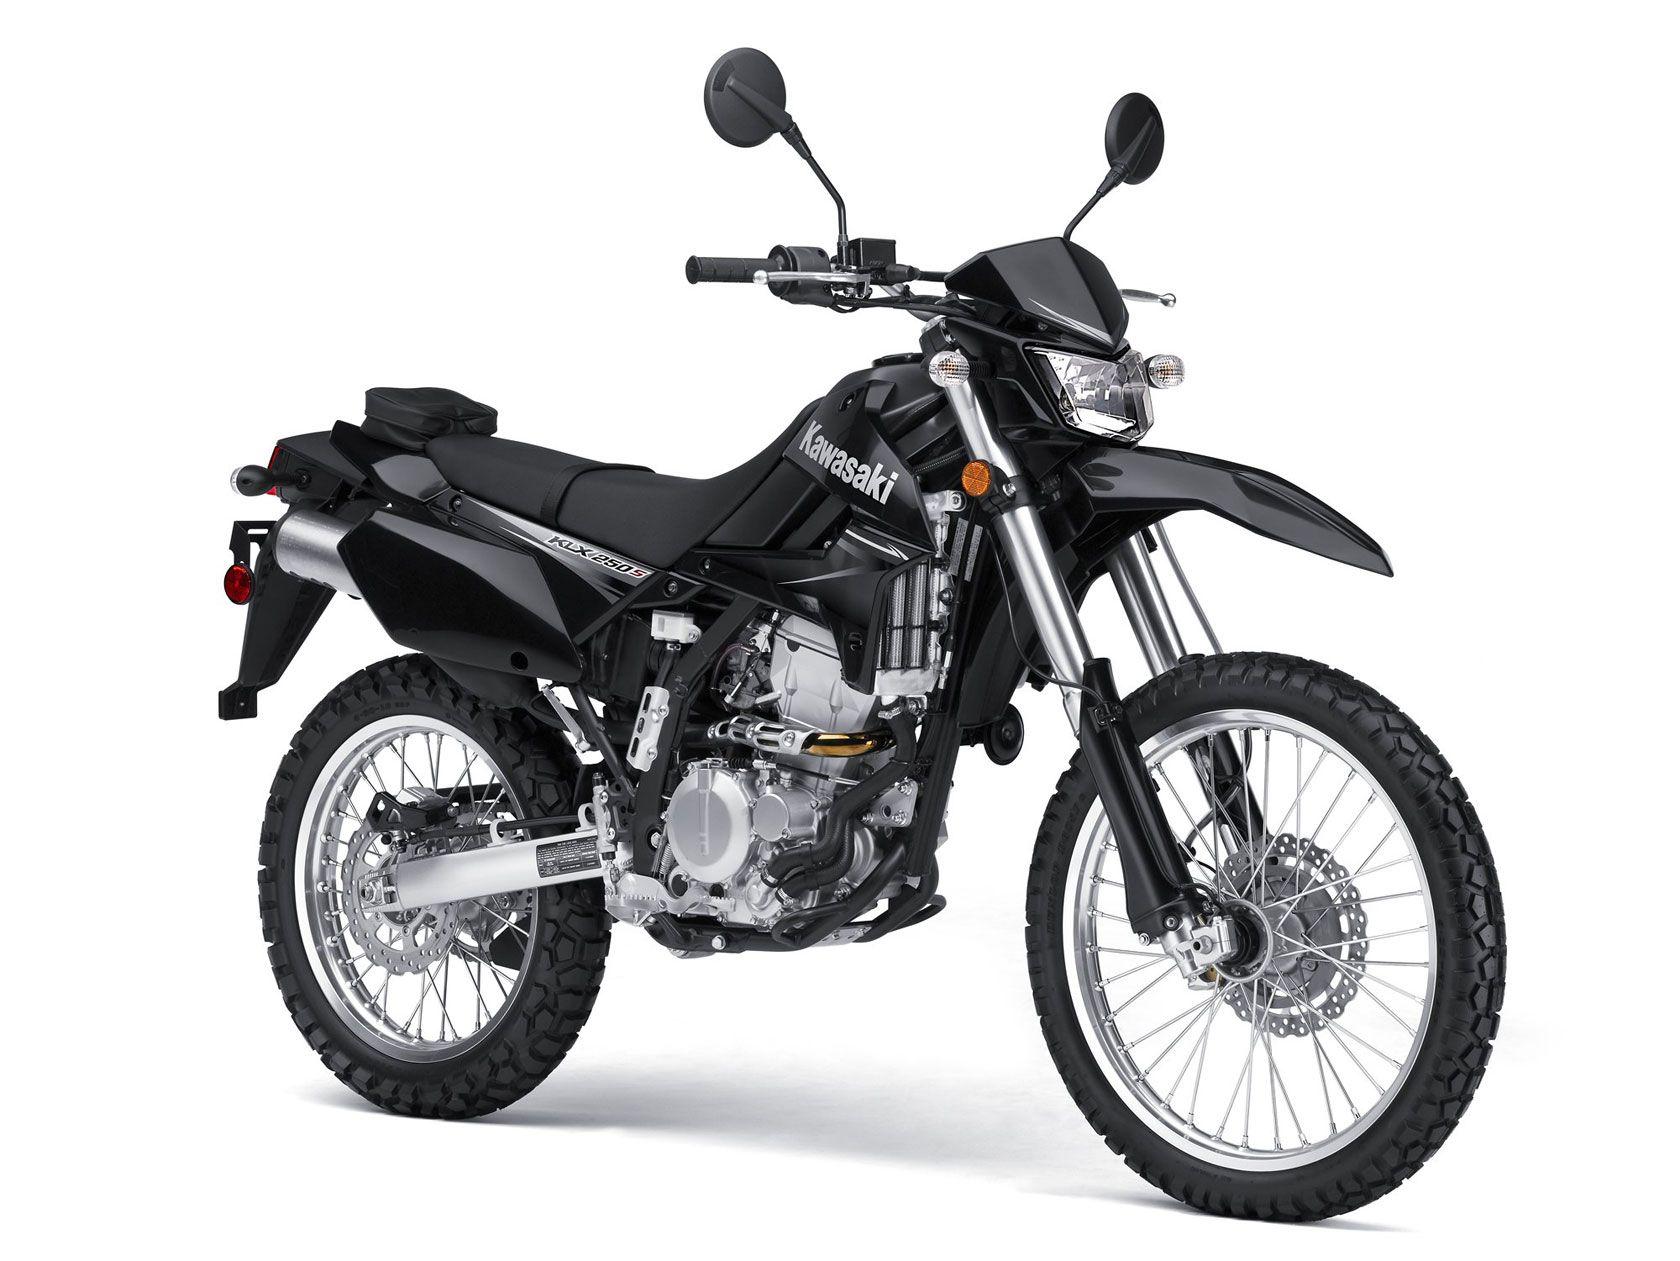 Black KLX250 Kawasaki motorcycles, Kawasaki bikes